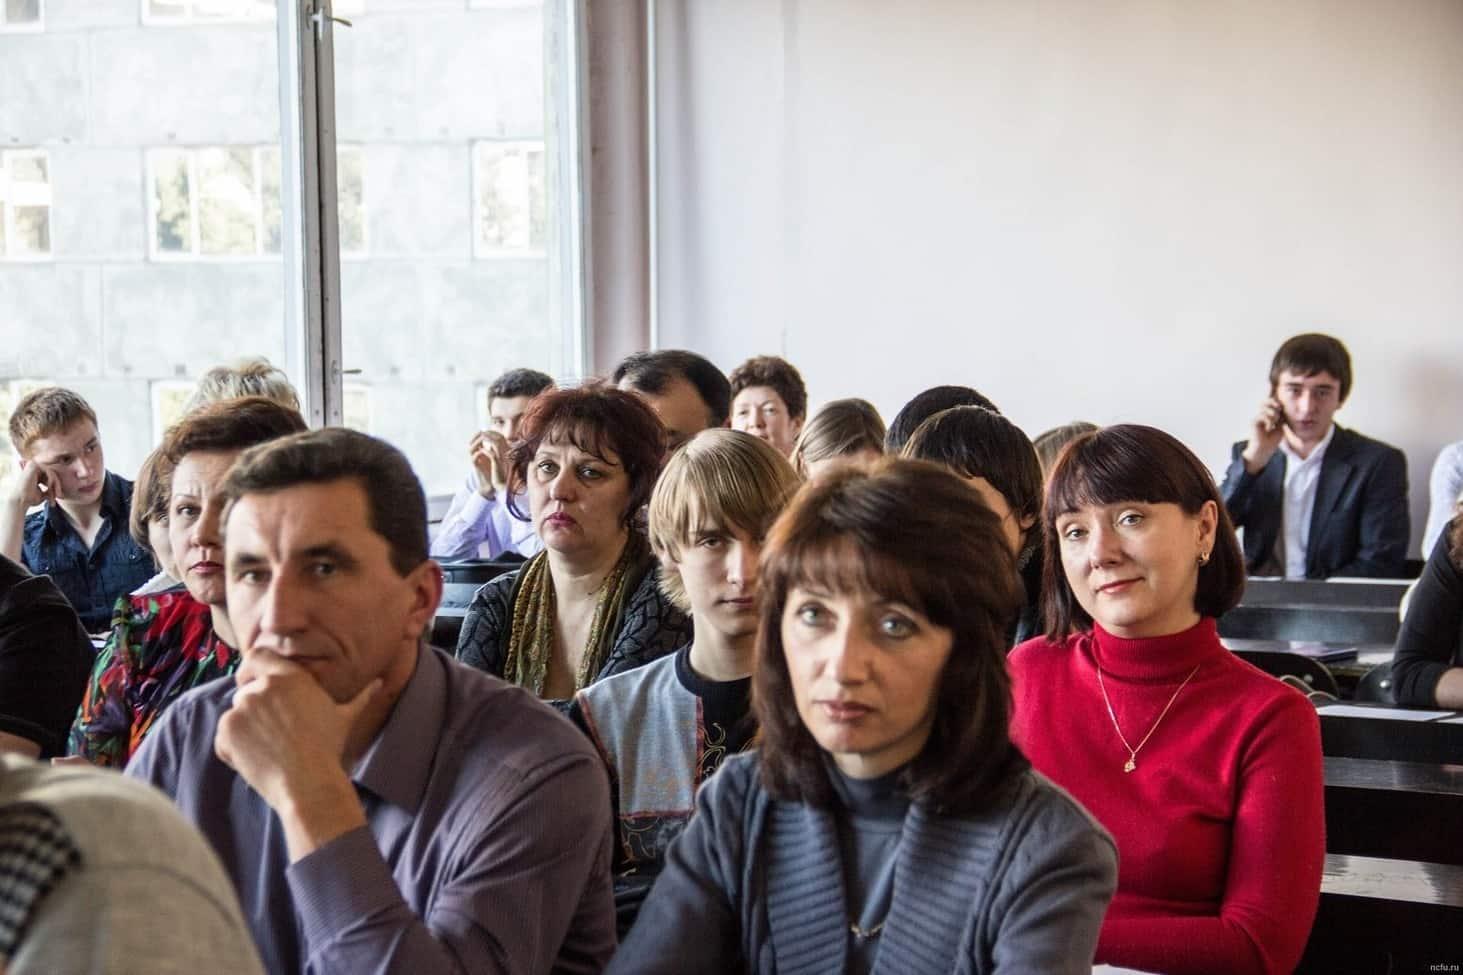 issledovanie-v-2018-godu-roditelej-shkolnikov-bolshe-vsego-volnovali-voprosy-kachestva-obrazovaniya